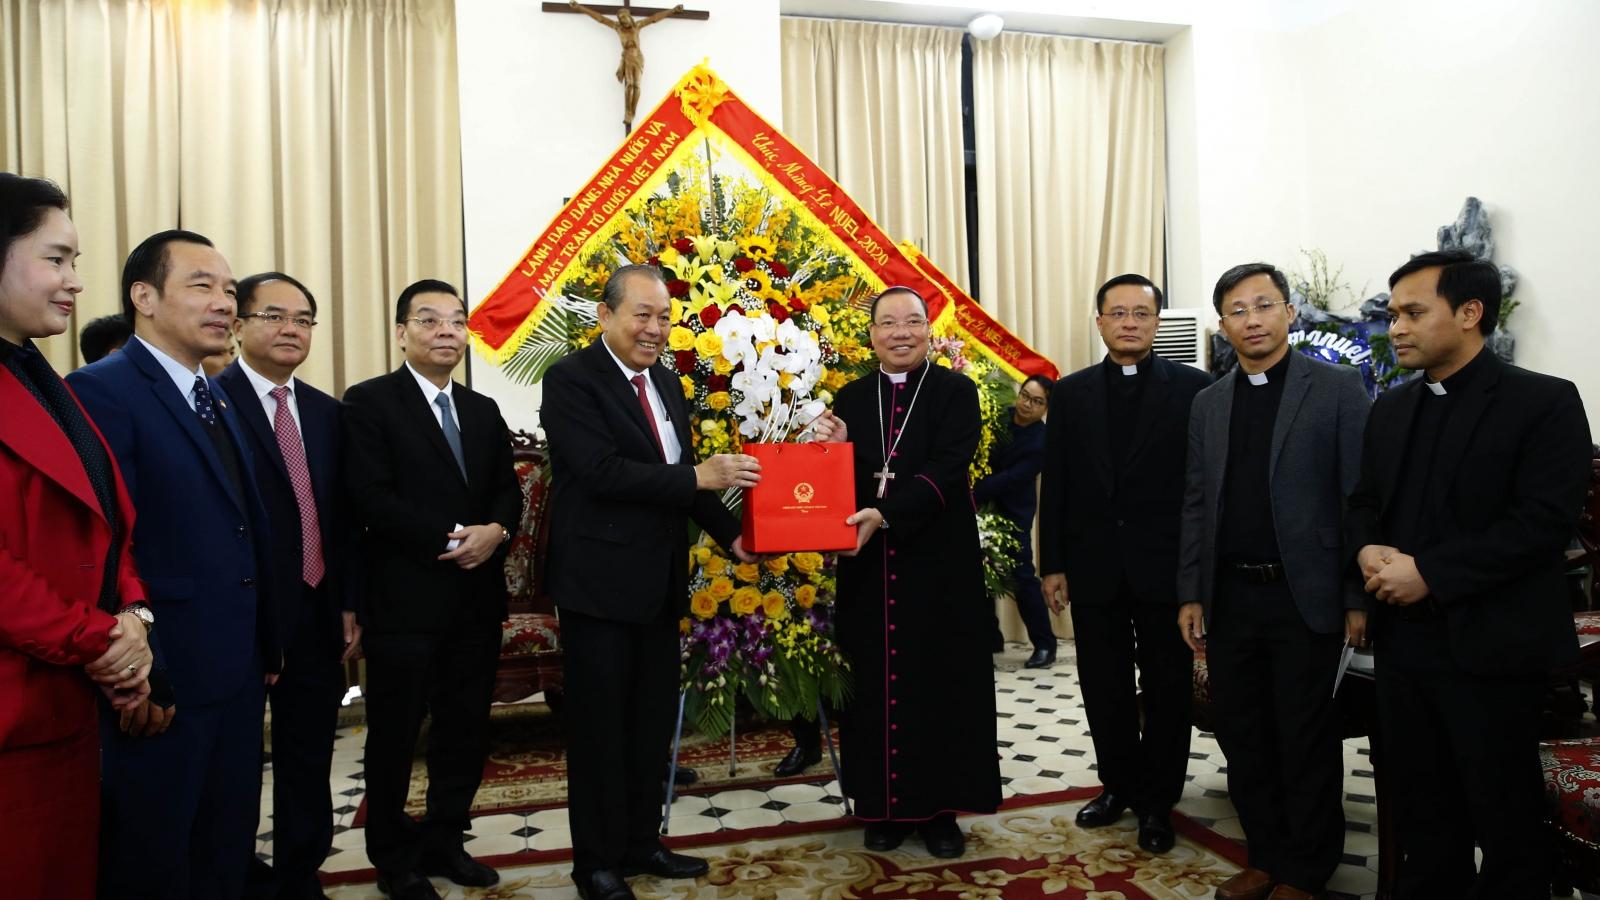 Phó Thủ tướng Trương Hòa Bình chúc mừng Giáng sinh đồng bào giáo dân